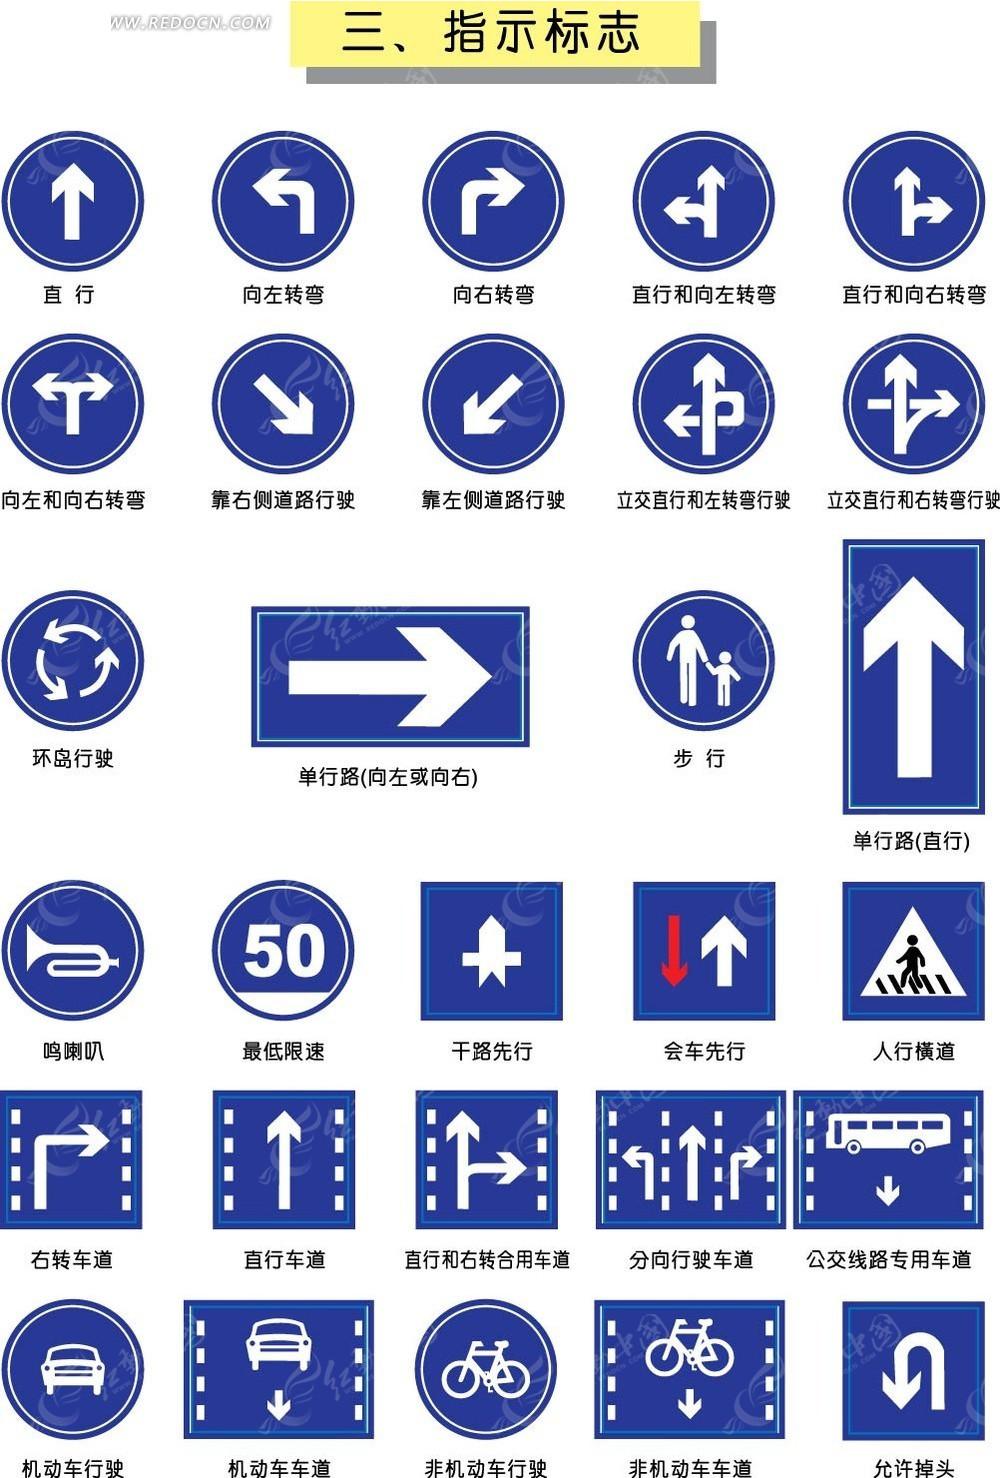 公共交通指示标识AI素材免费下载 编号2689951 红动网